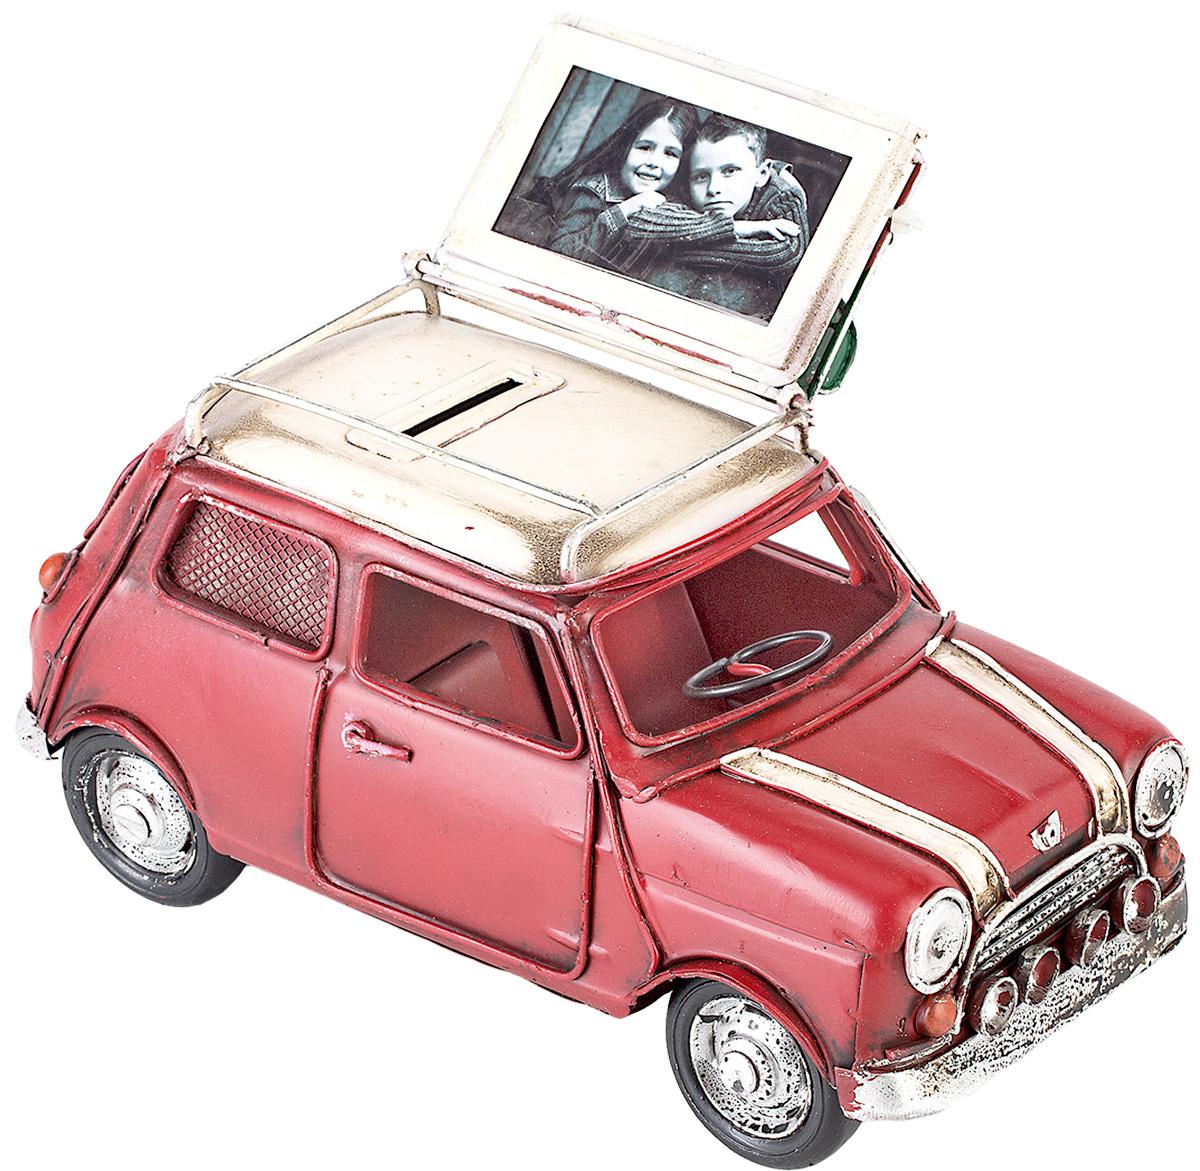 Модель Platinum Автомобиль, с фоторамкой и копилкой. 1404E-43441404E-4344Модель Platinum Автомобиль, выполненная из металла, станеторигинальным украшением интерьера. Вы можете поставить модель ретро- автомобиля в любом месте, где онабудет удачно смотреться. Изделие дополнено копилкой и фоторамкой, куда вы можете вставитьвашу любимую фотографию.Качество исполнения, точные детали и оригинальный дизайн выделяют этумодель среди ряда подобных. Модель займет достойное место в вашейколлекции, а также приятно удивит получателя в качестве стильного сувенира.